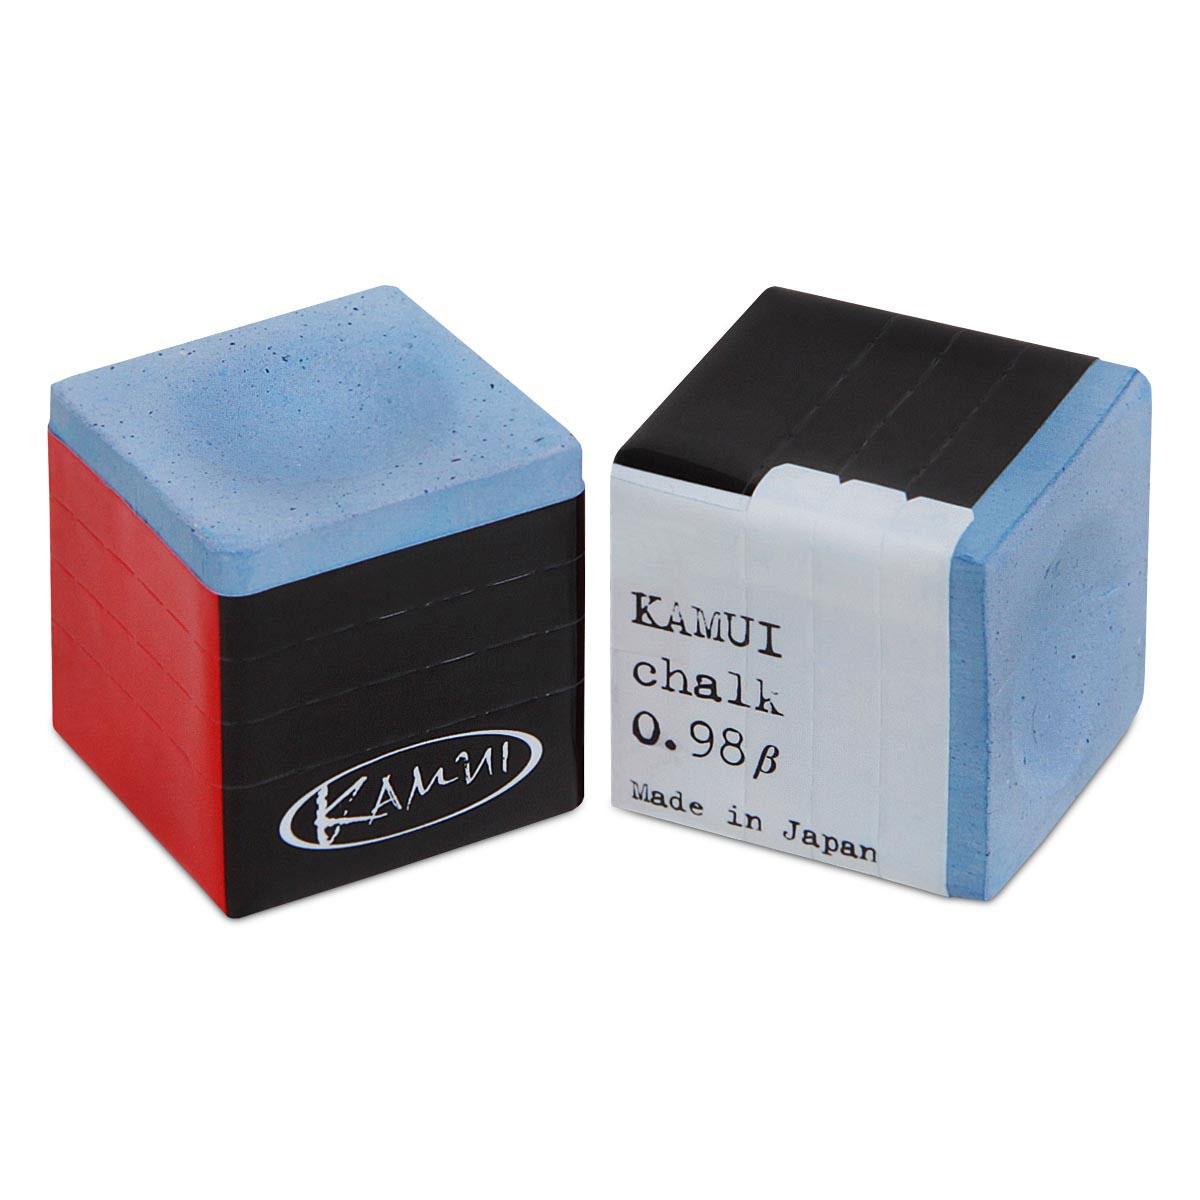 Мел Kamui, цвет: синий06662Мел Kamui произвел революцию в бильярдном мире. Игроки получили возможность усовершенствовать технику своей игры, делая более точные удары, избегая кикса. Секрет – в необыкновенных качествах мела, состоящего из мельчайших фракций, обладающего высокой степенью сцепления и увеличивающего площадь контакта наклейки кия с битком. Также благодаря наибольшей проникающей способности этот мел дольше остается на наклейке кия, поэтому нет необходимости ее мелить перед каждым ударом.